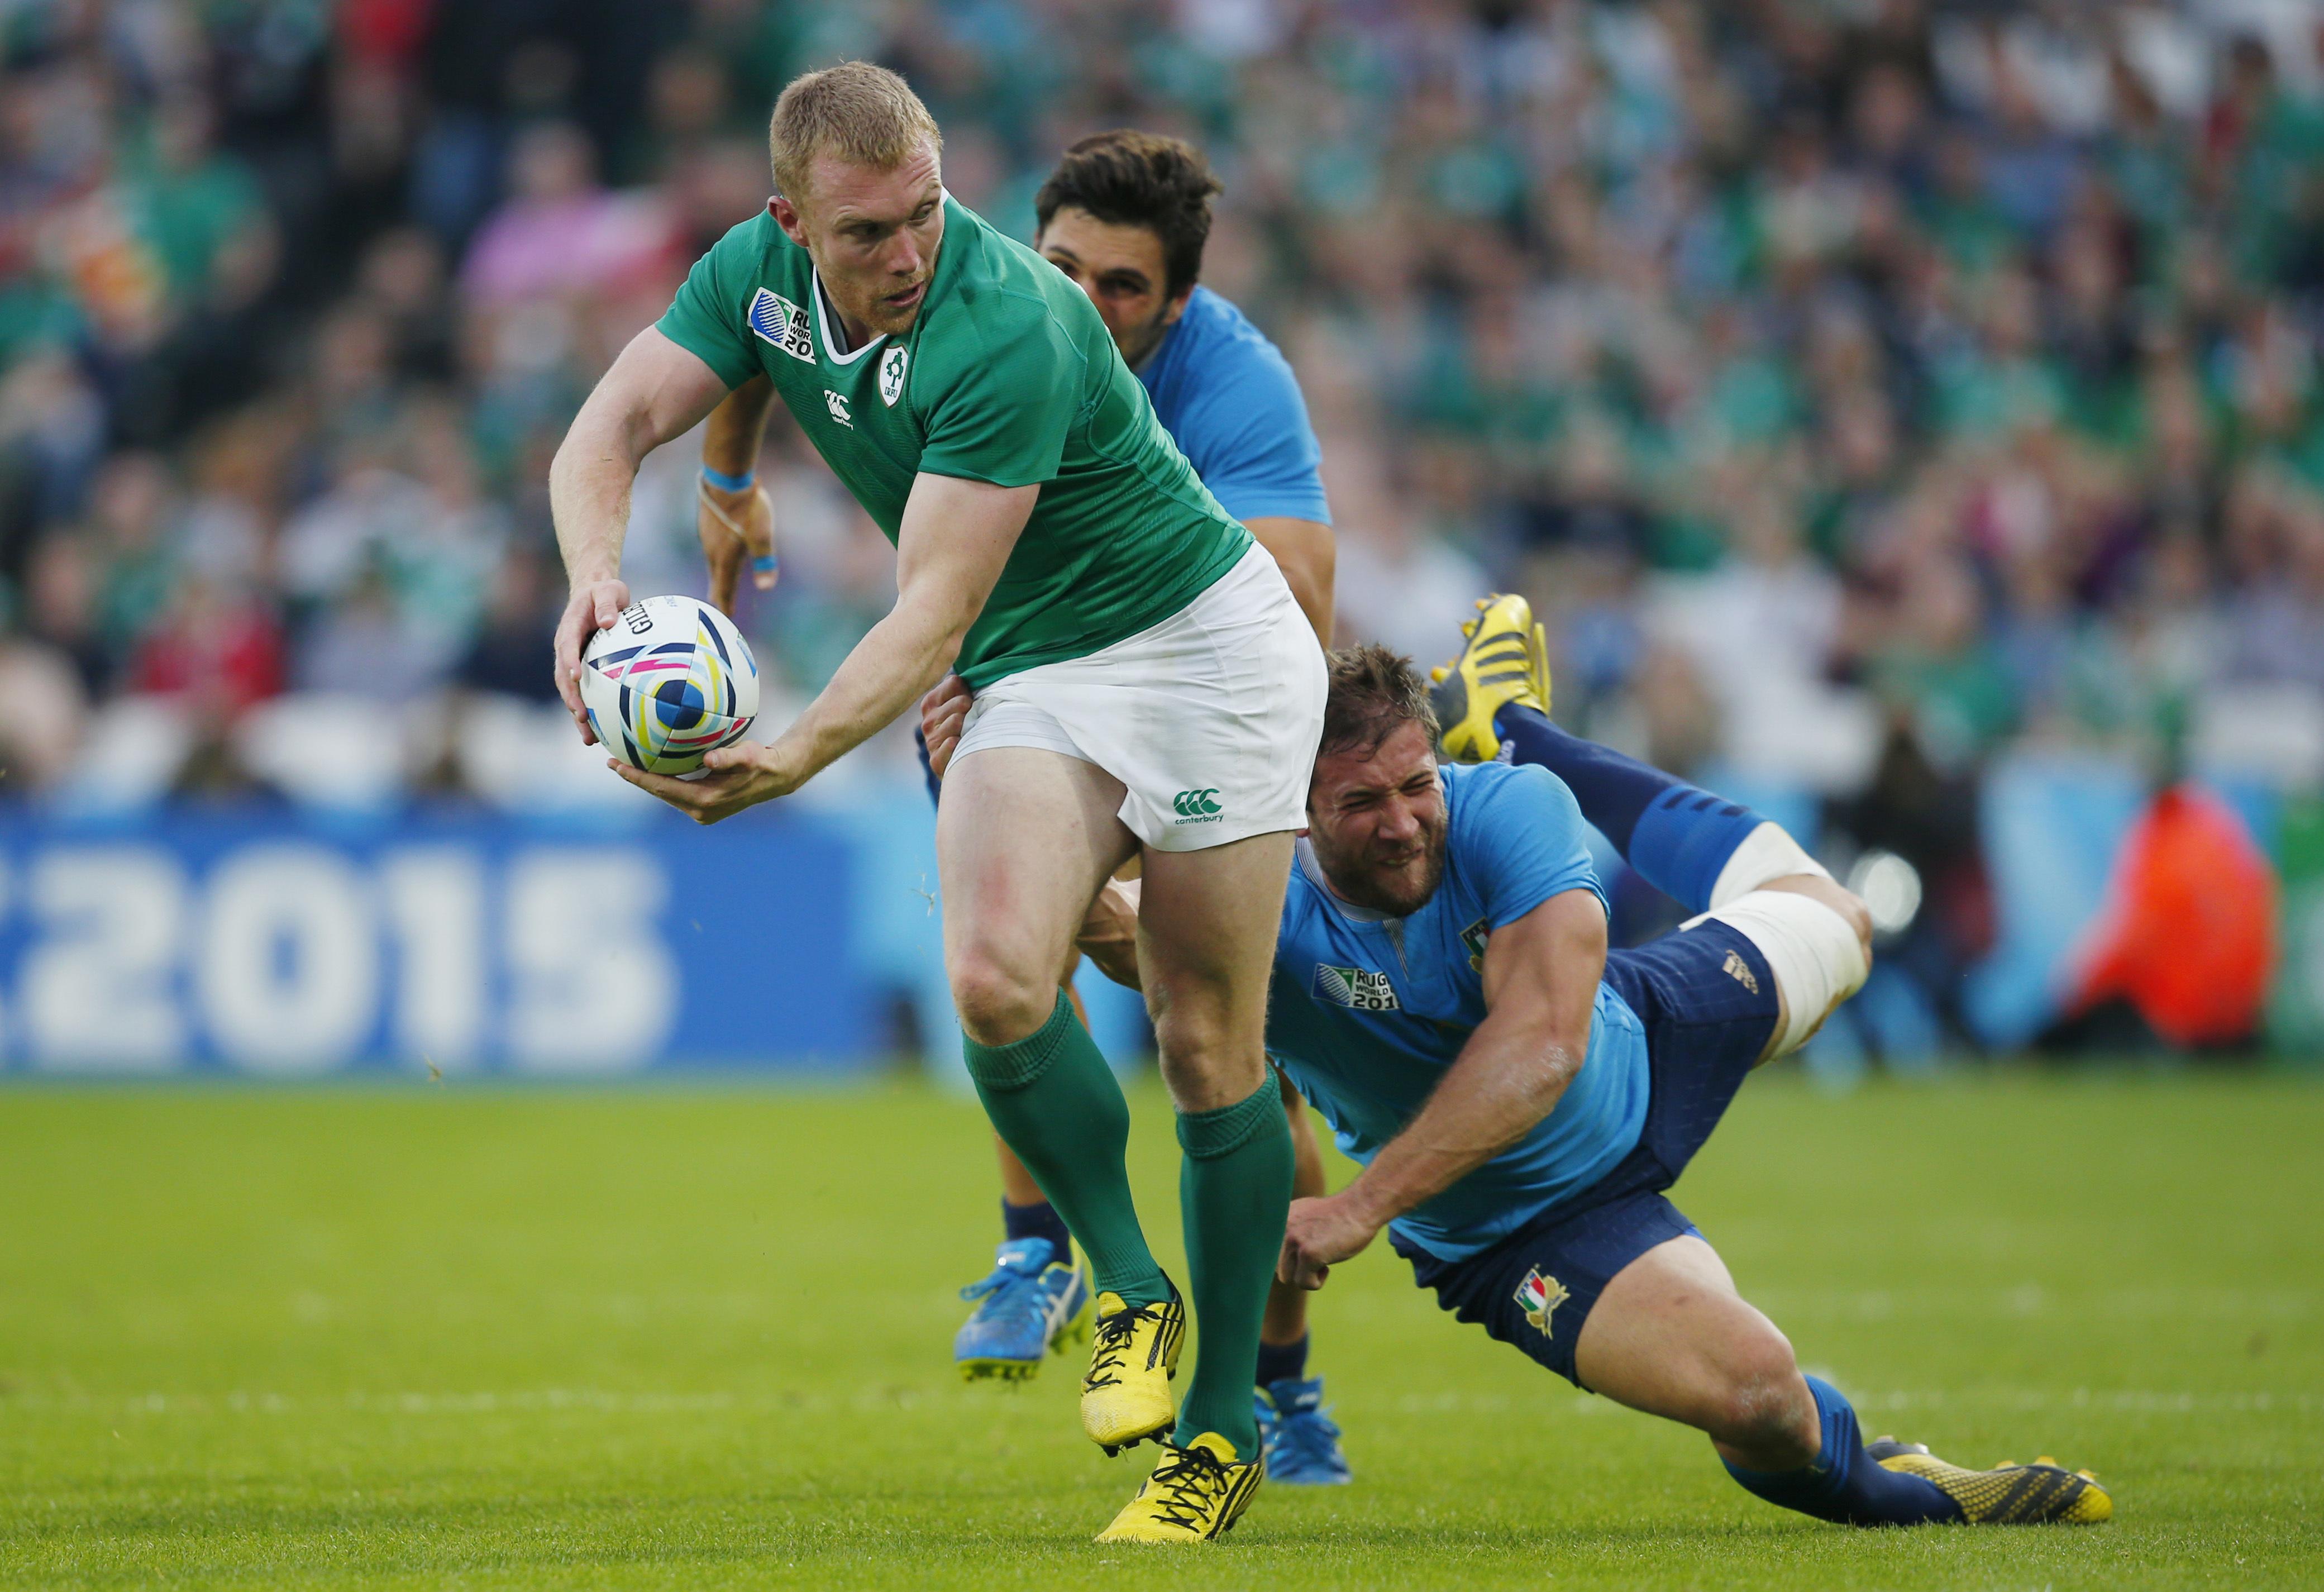 L 39 irlande solide avant de retrouver les bleus coupe du monde 2015 rugby - Resultats rugby coupe du monde ...